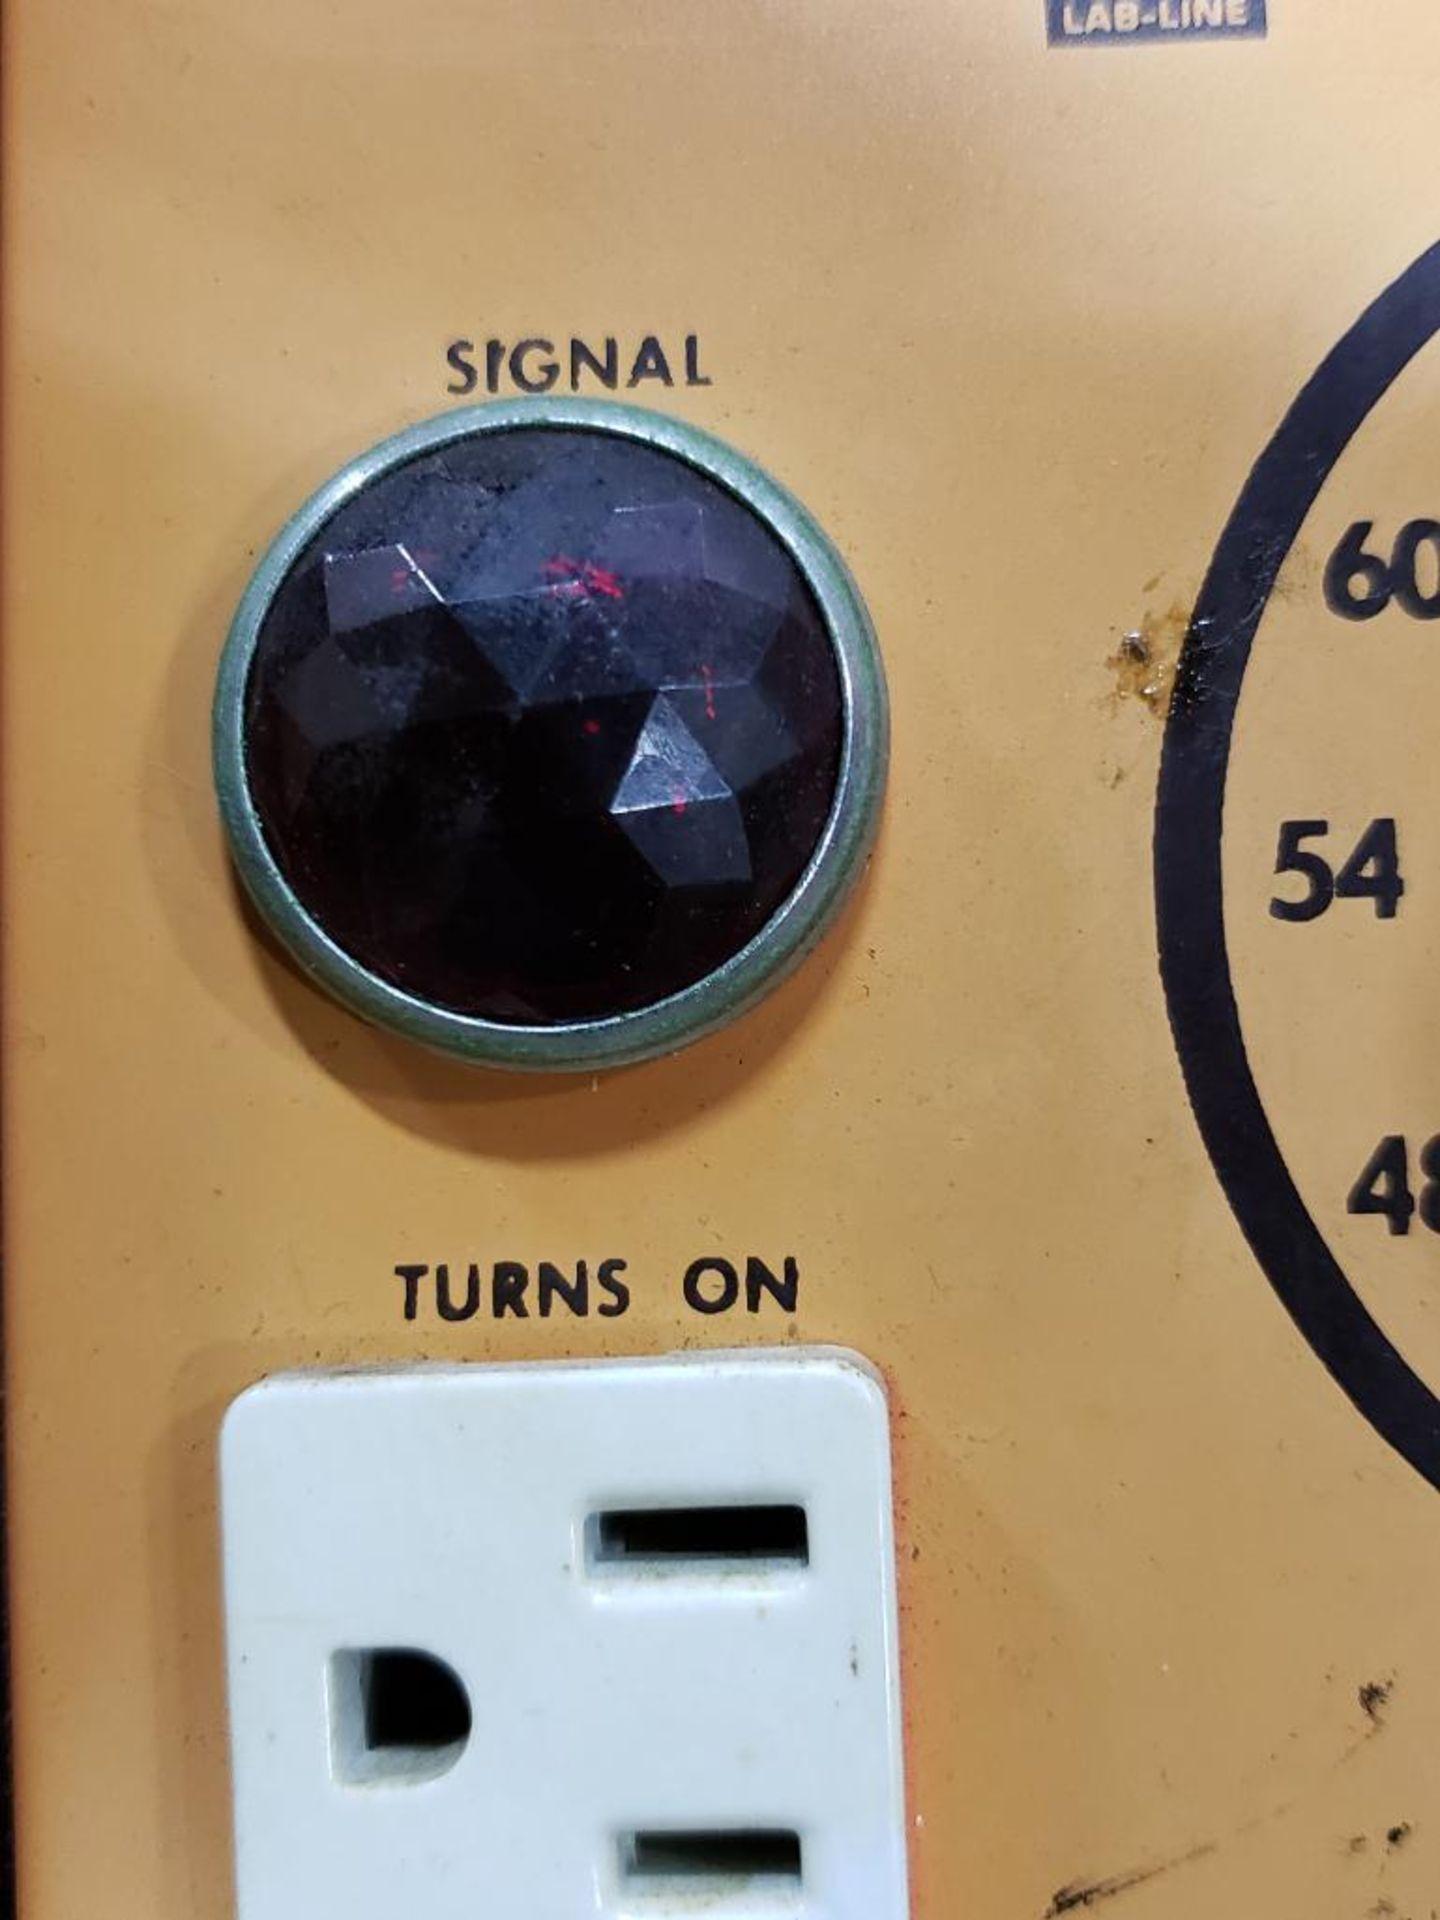 Lab-Line 72-Hour Lab-Minder. Model 1430. - Image 5 of 6